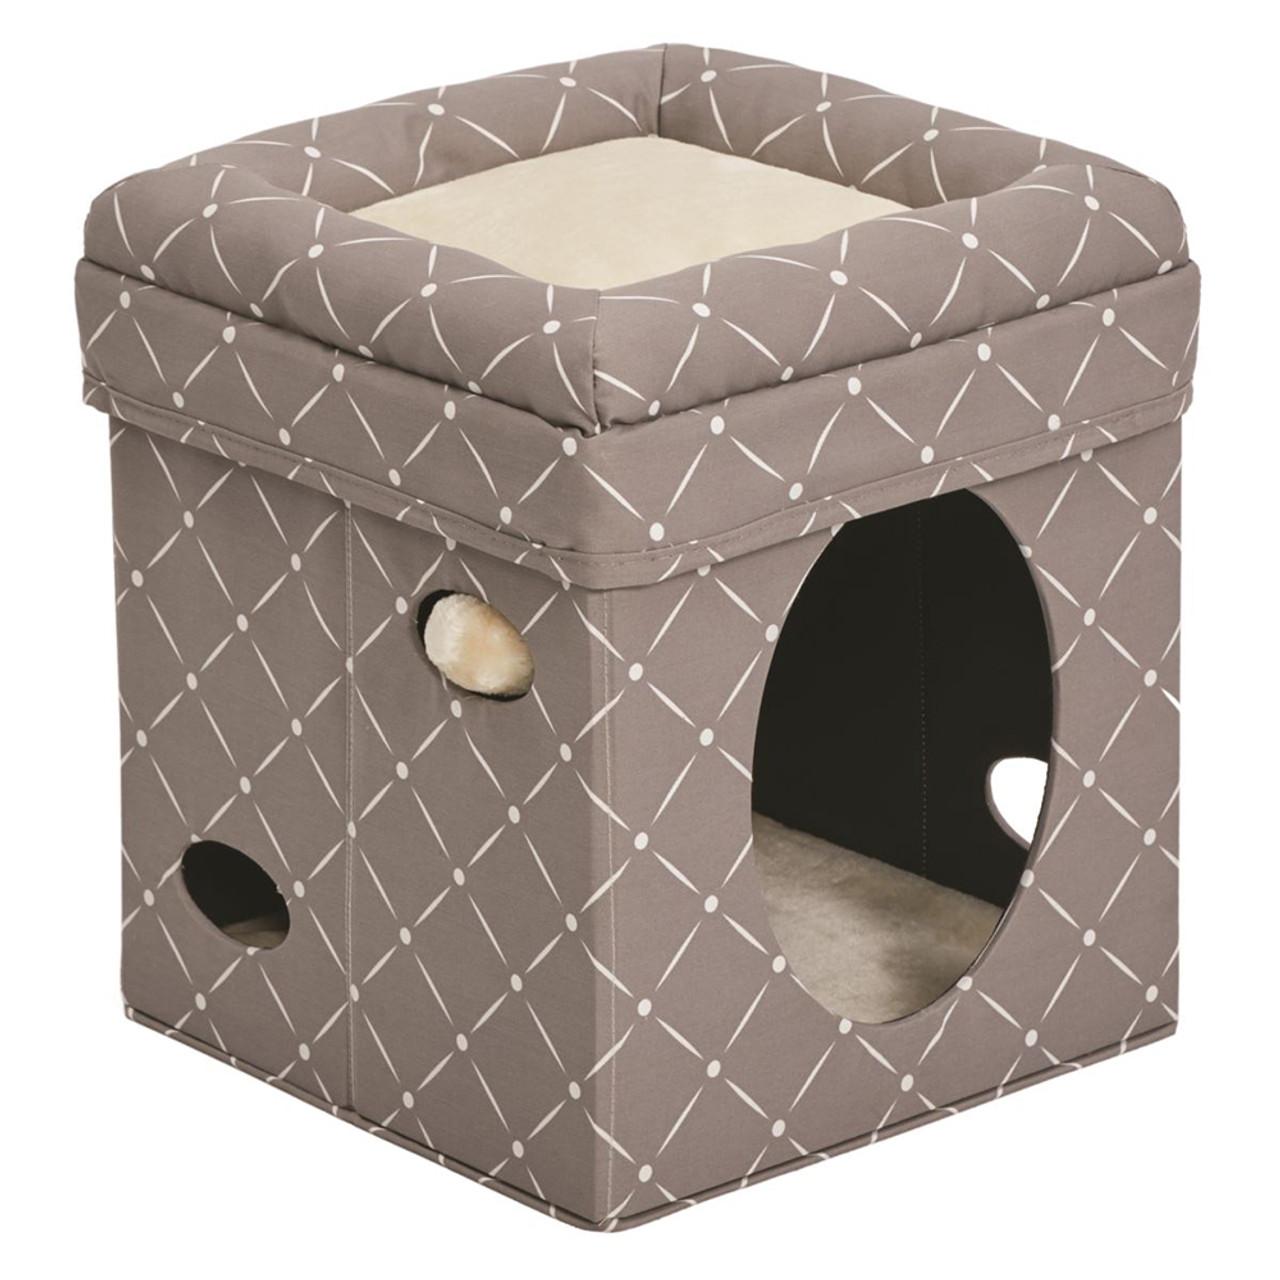 Feline Nuvo Mushroom Curious Cat Cube